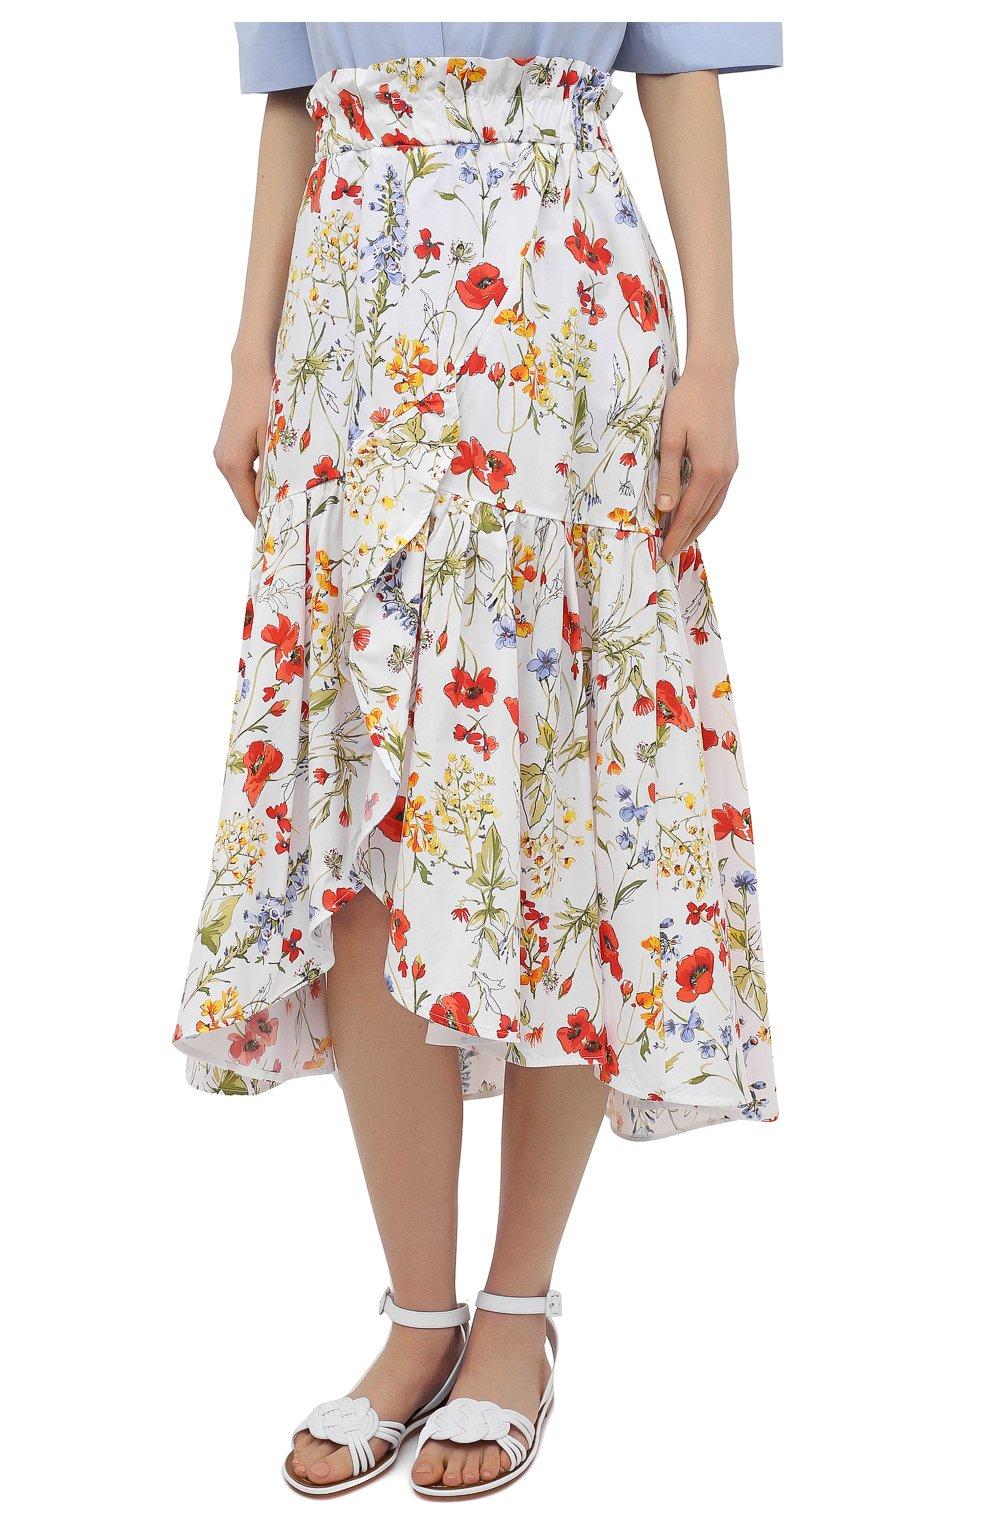 Женская хлопковая юбка SARA ROKA разноцветного цвета, арт. R0SLYN/31-S21   Фото 3 (Женское Кросс-КТ: Юбка-одежда; Материал внешний: Хлопок; Длина Ж (юбки, платья, шорты): Миди; Стили: Бохо)